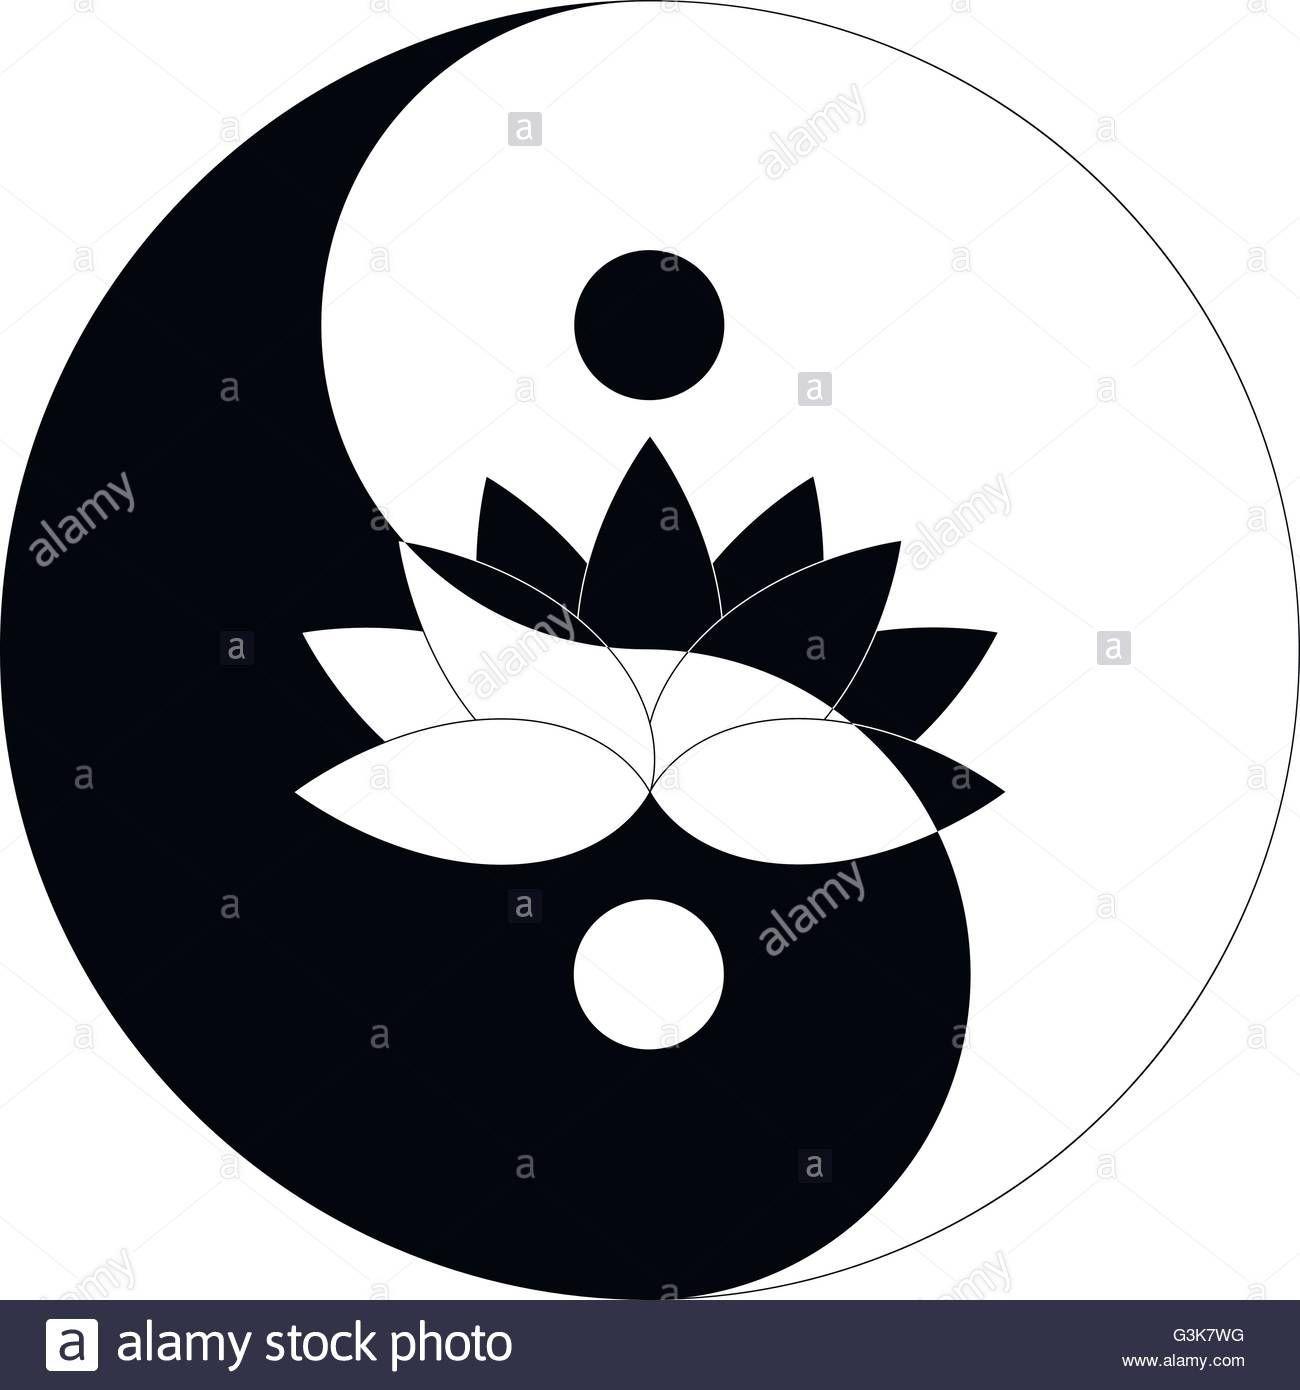 Stock Vector Lotus Flower In Yin Yang Symbol Black And White Download This Stock Vector Lotus Flower In Dibujos Unicos Imagenes De Mandalas Arte De Panda